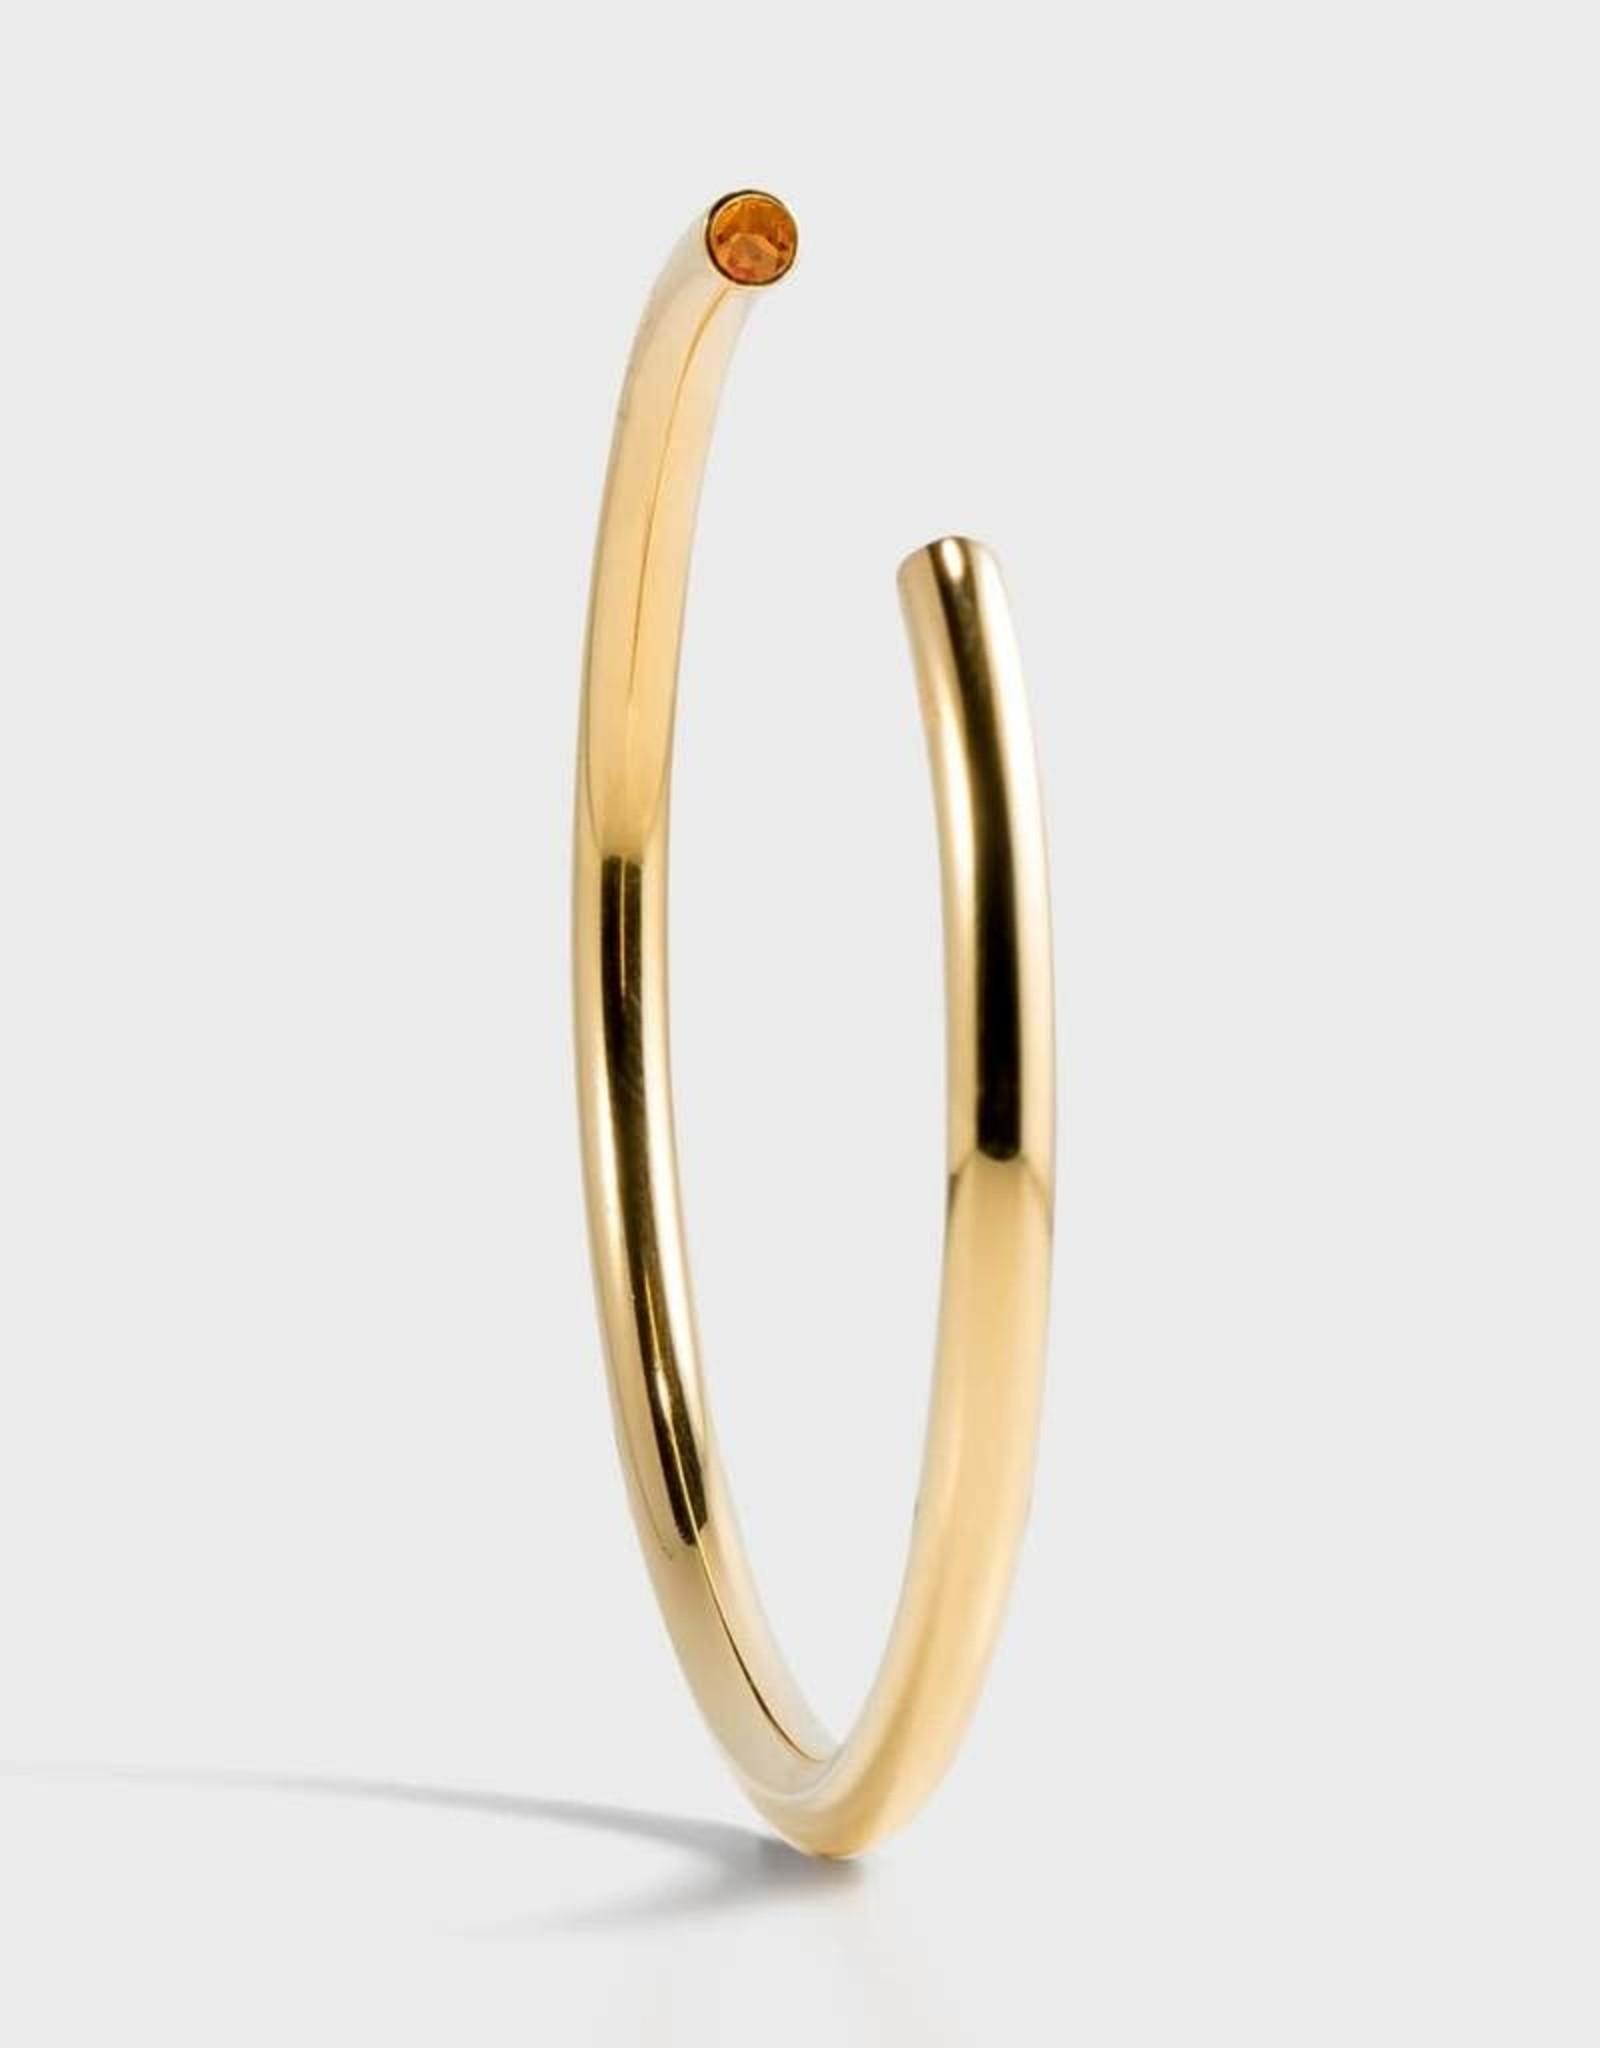 Stella Vale Birthstone Bracelet - November/Gold